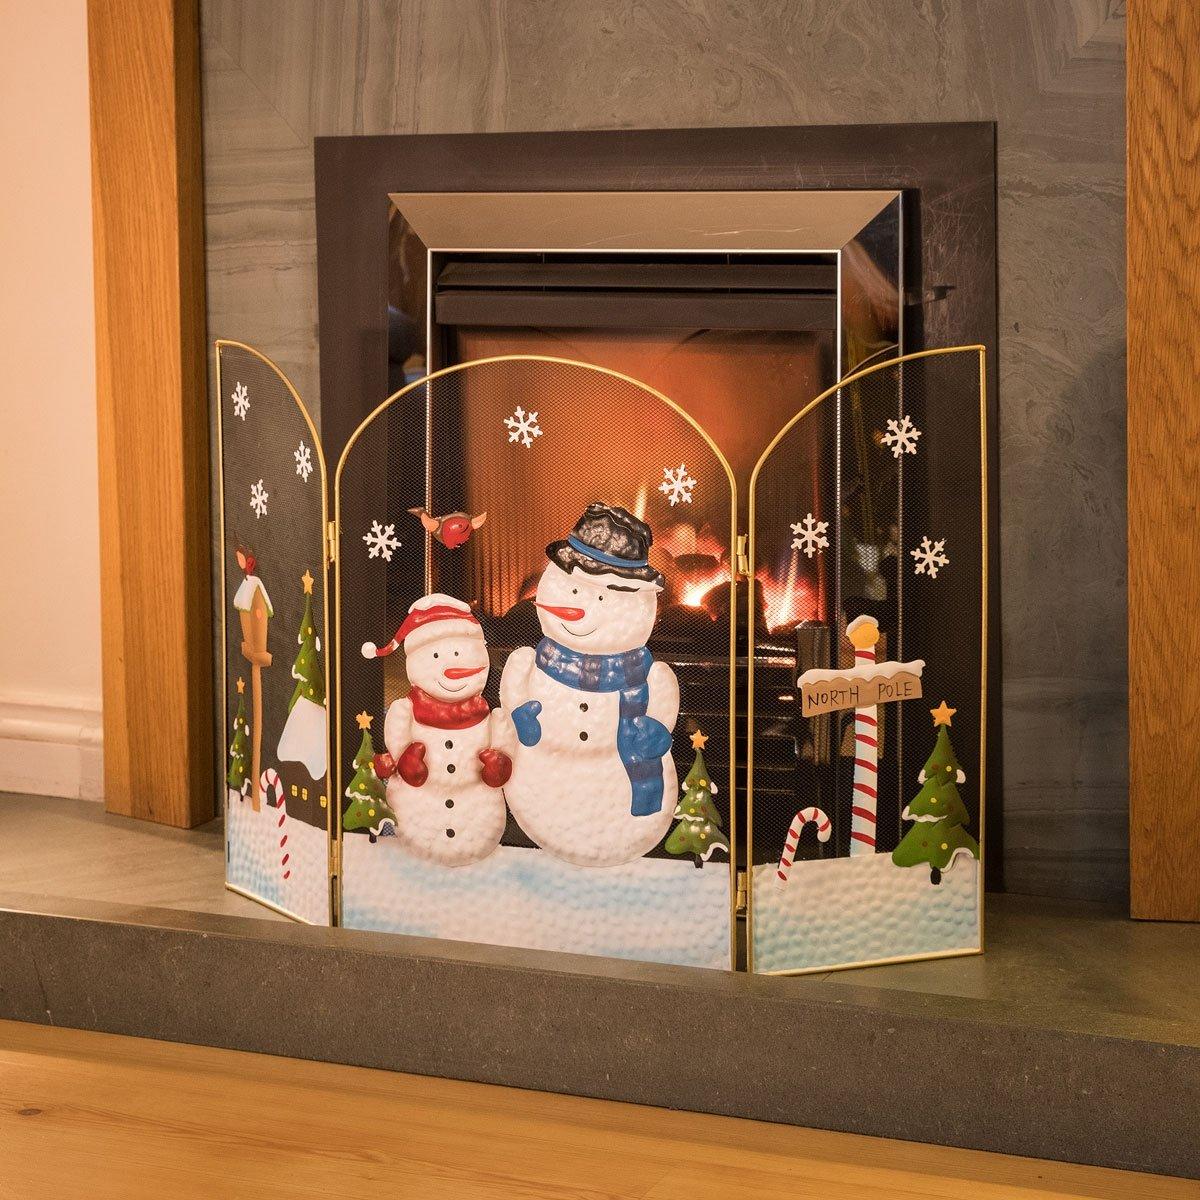 Christow 3 Panel Fireguard Fireplace Screen Snowman Christmas 49cm